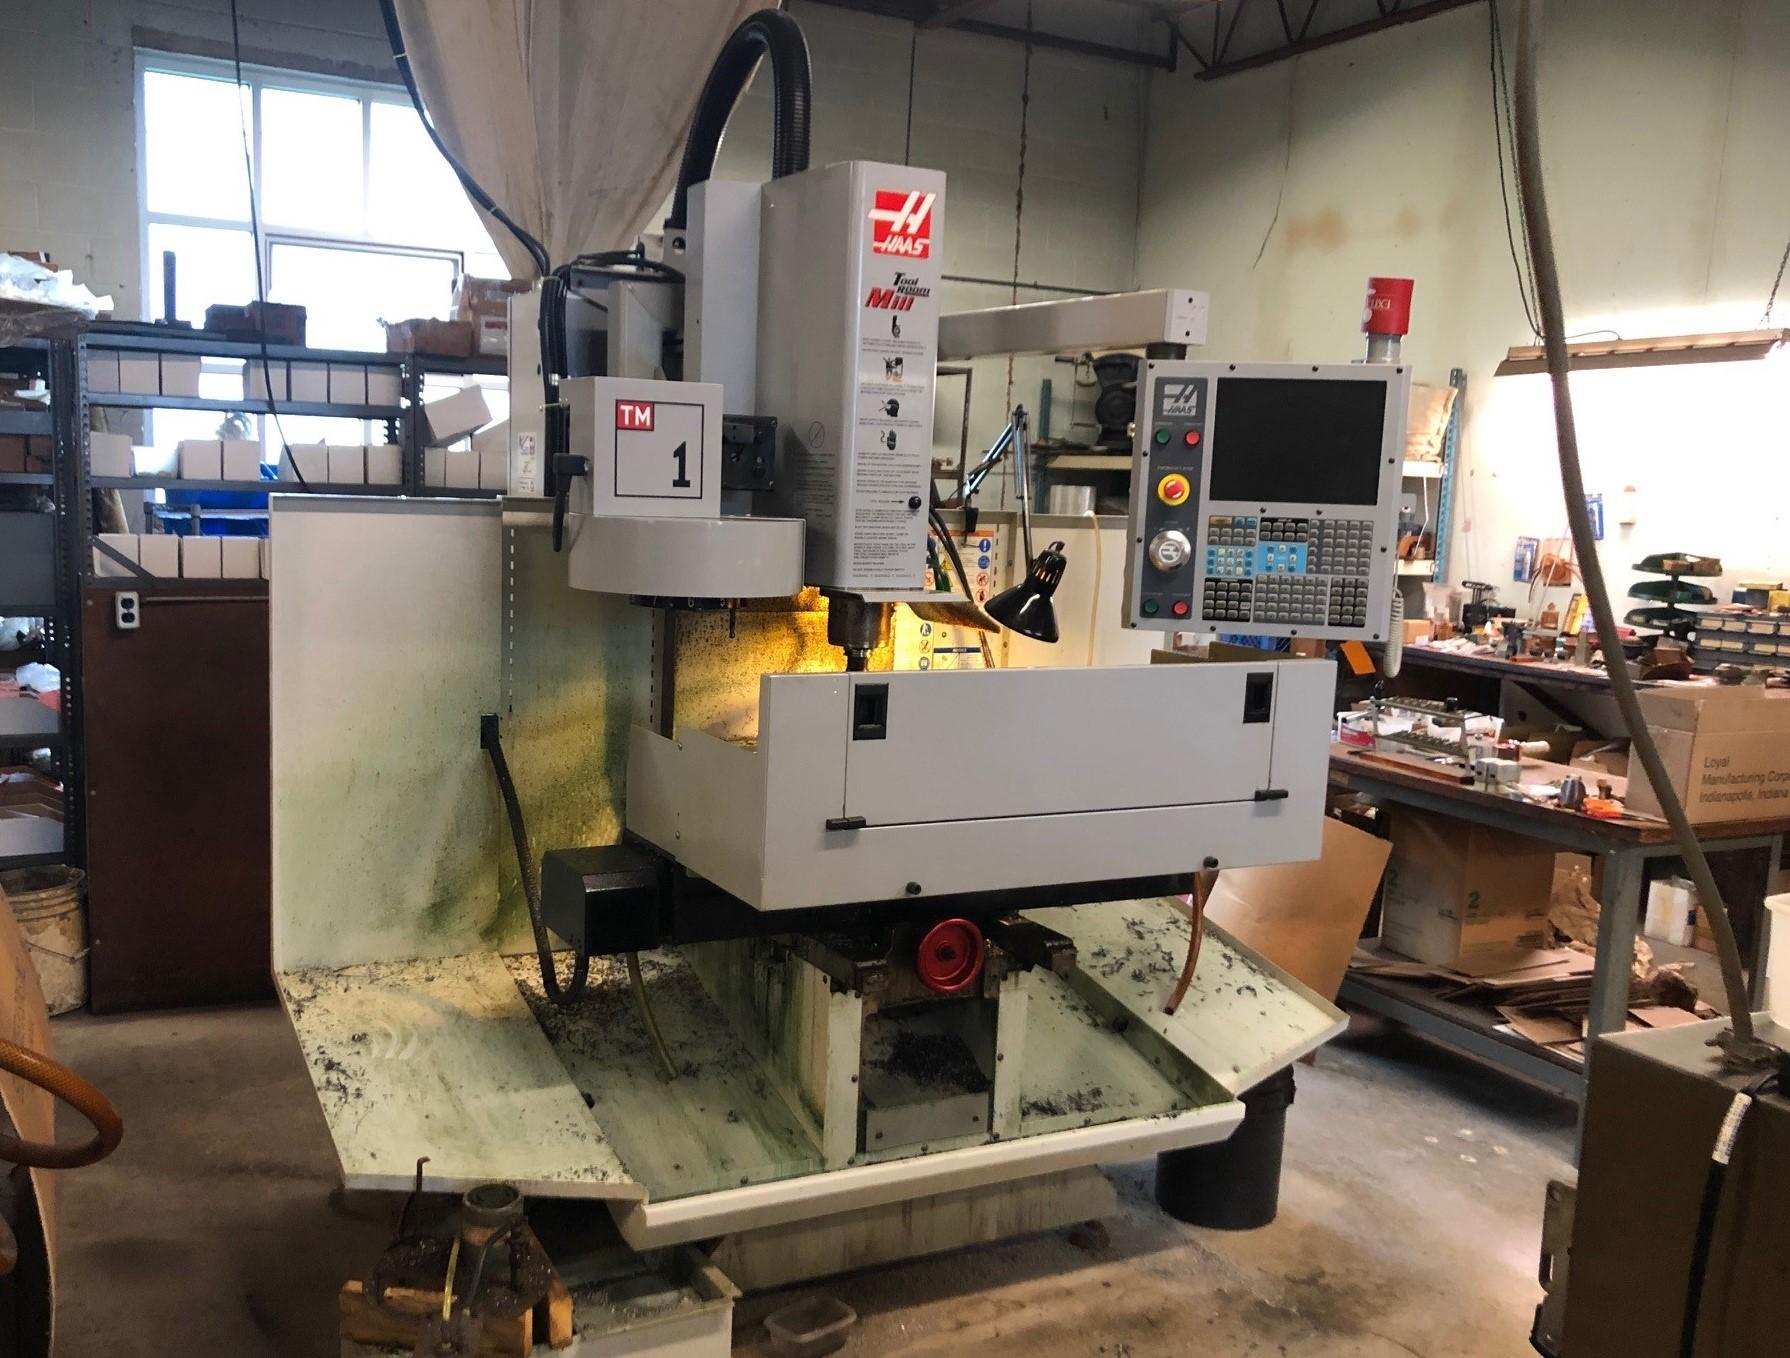 Emquip Surplus Machines & Equipment Online Auction In Indianapolis, IN